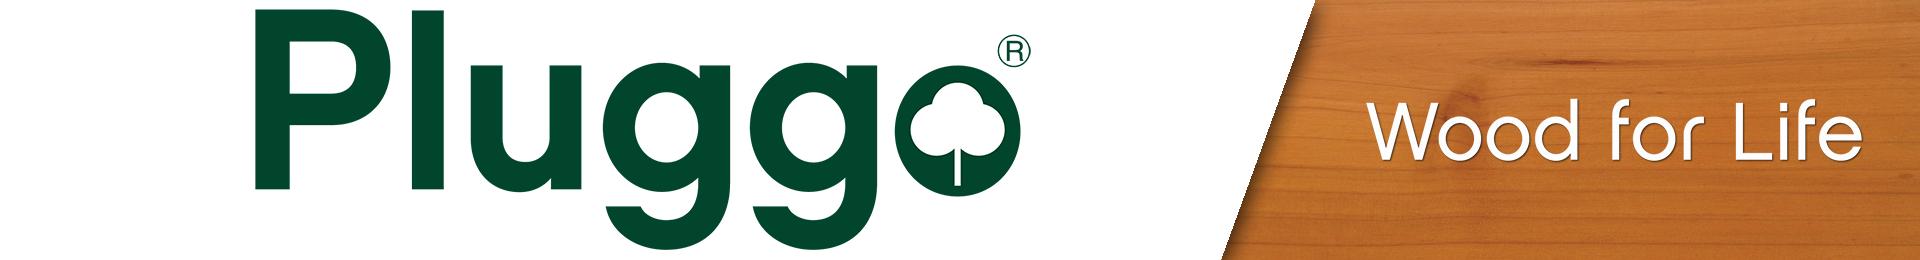 Pluggo – Wood For Life